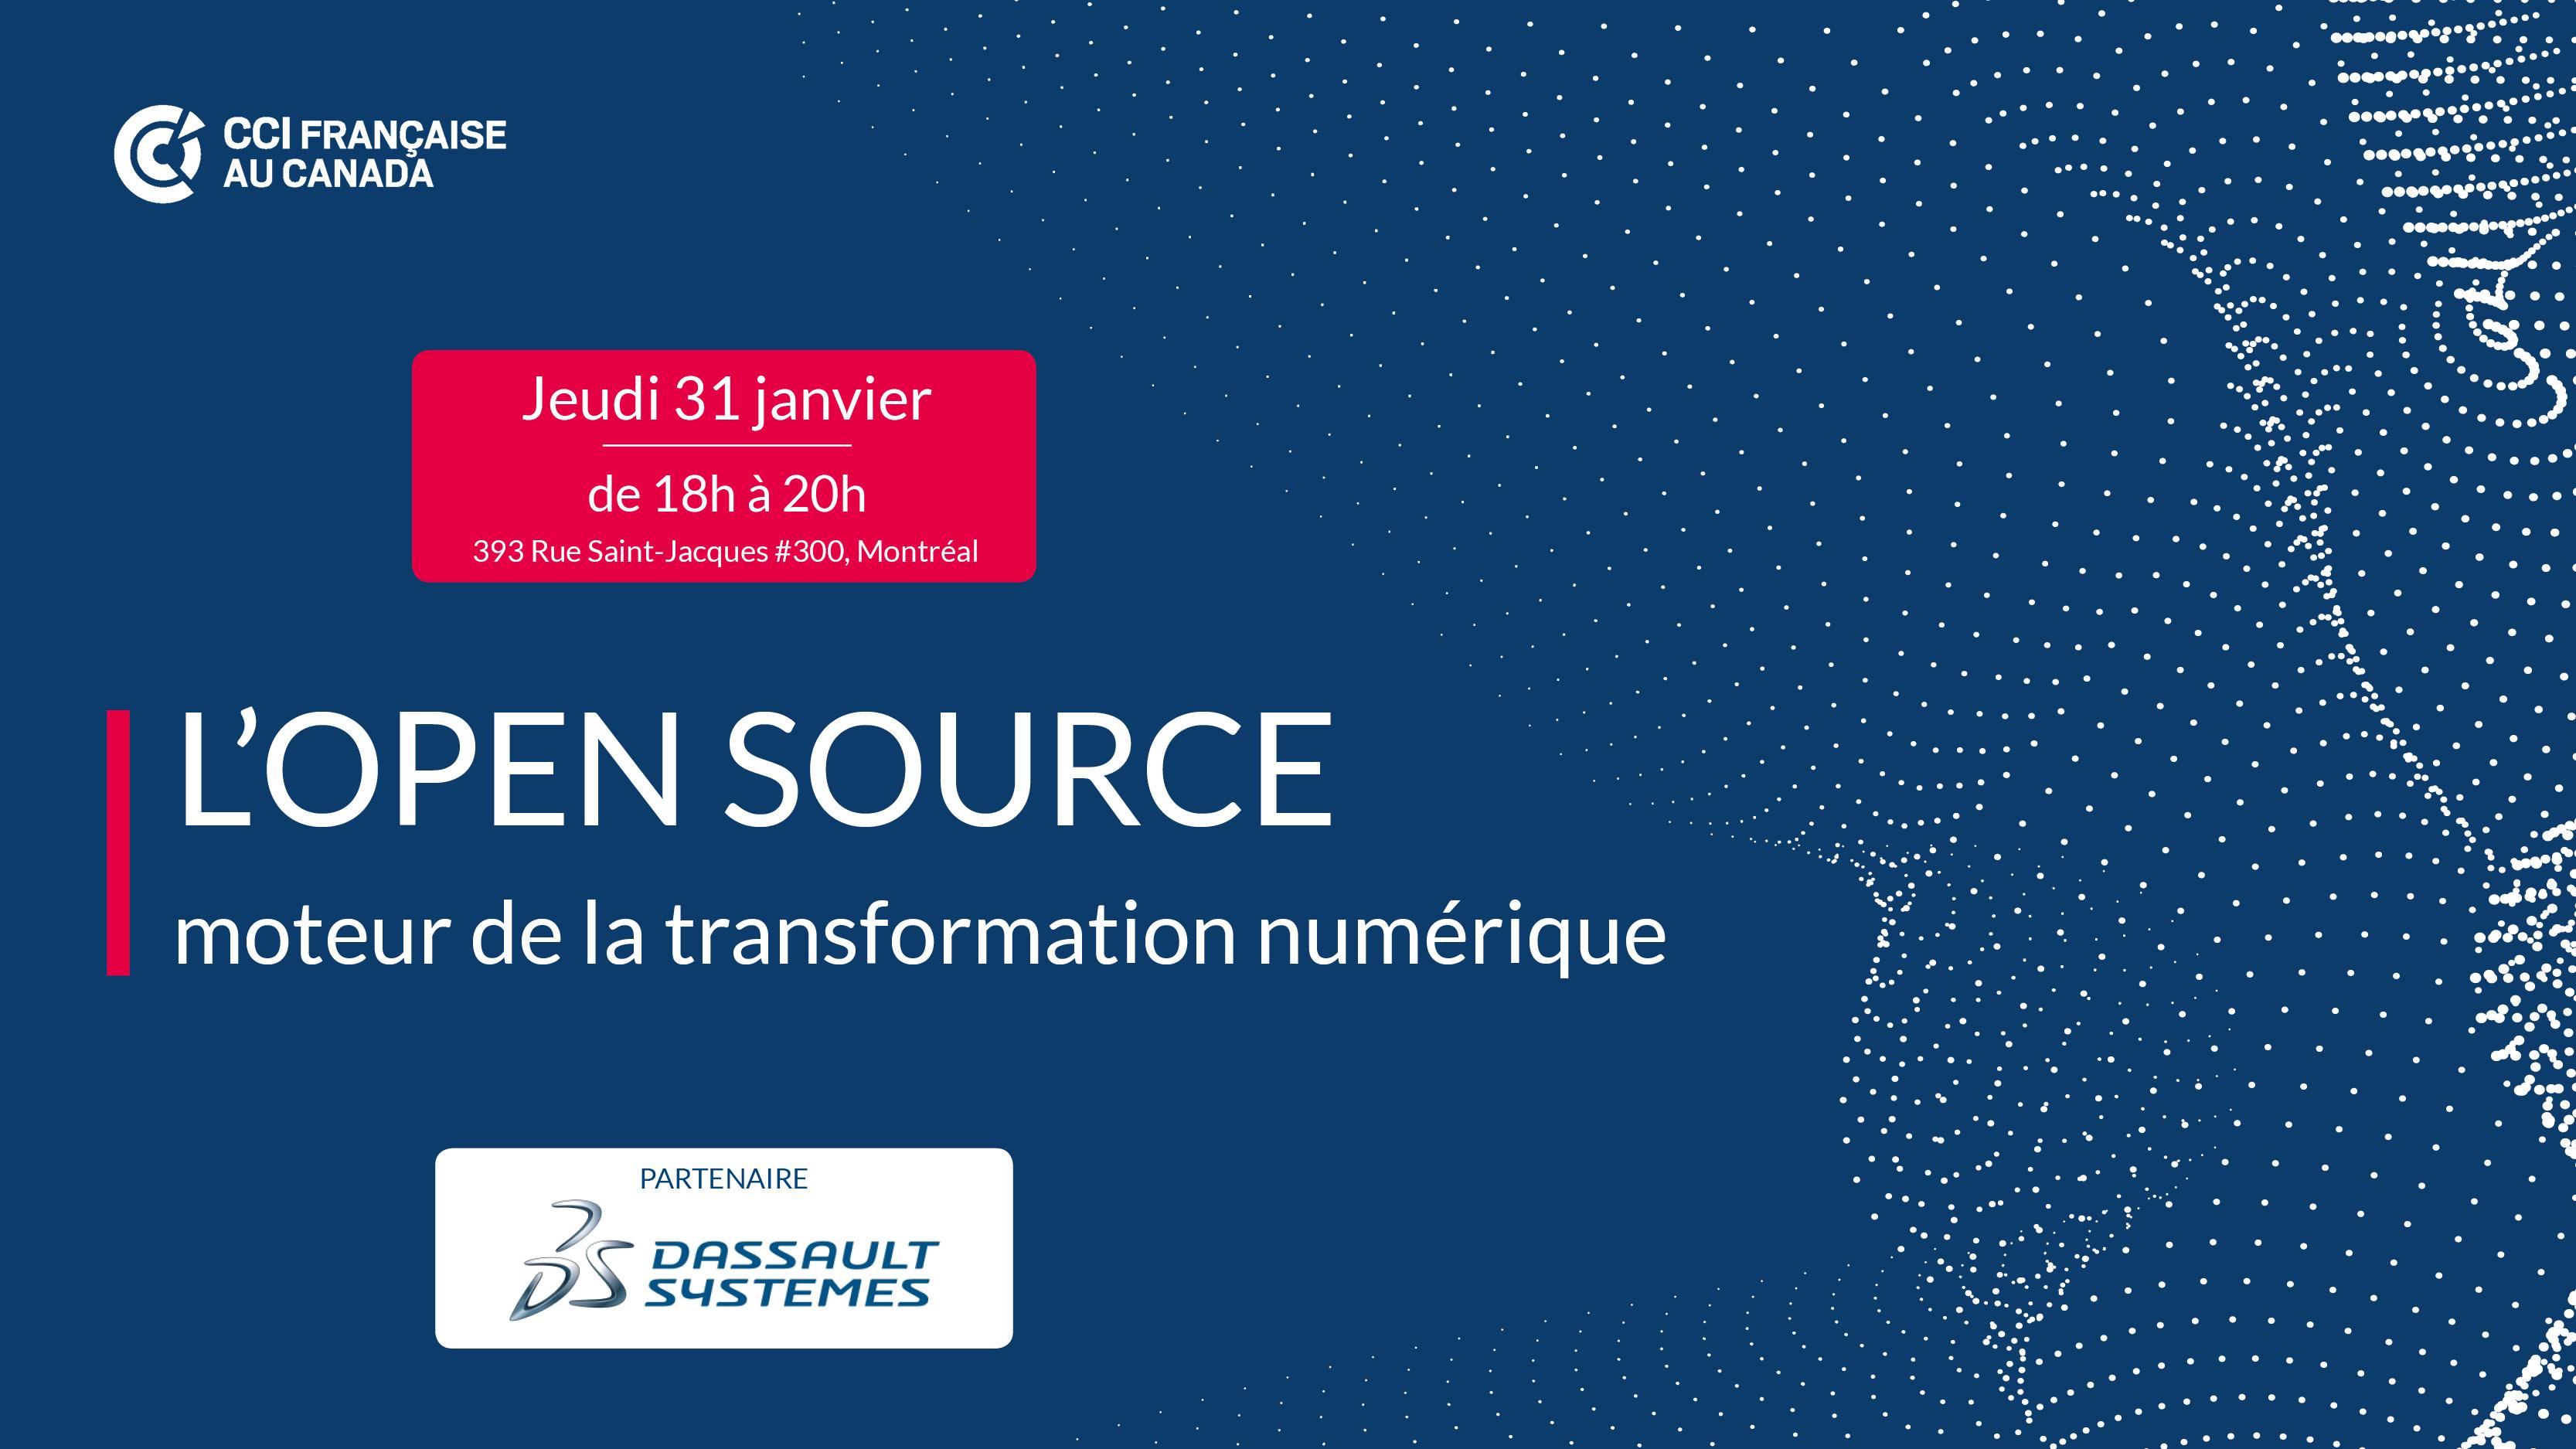 Open Source : moteur de la transformation numérique